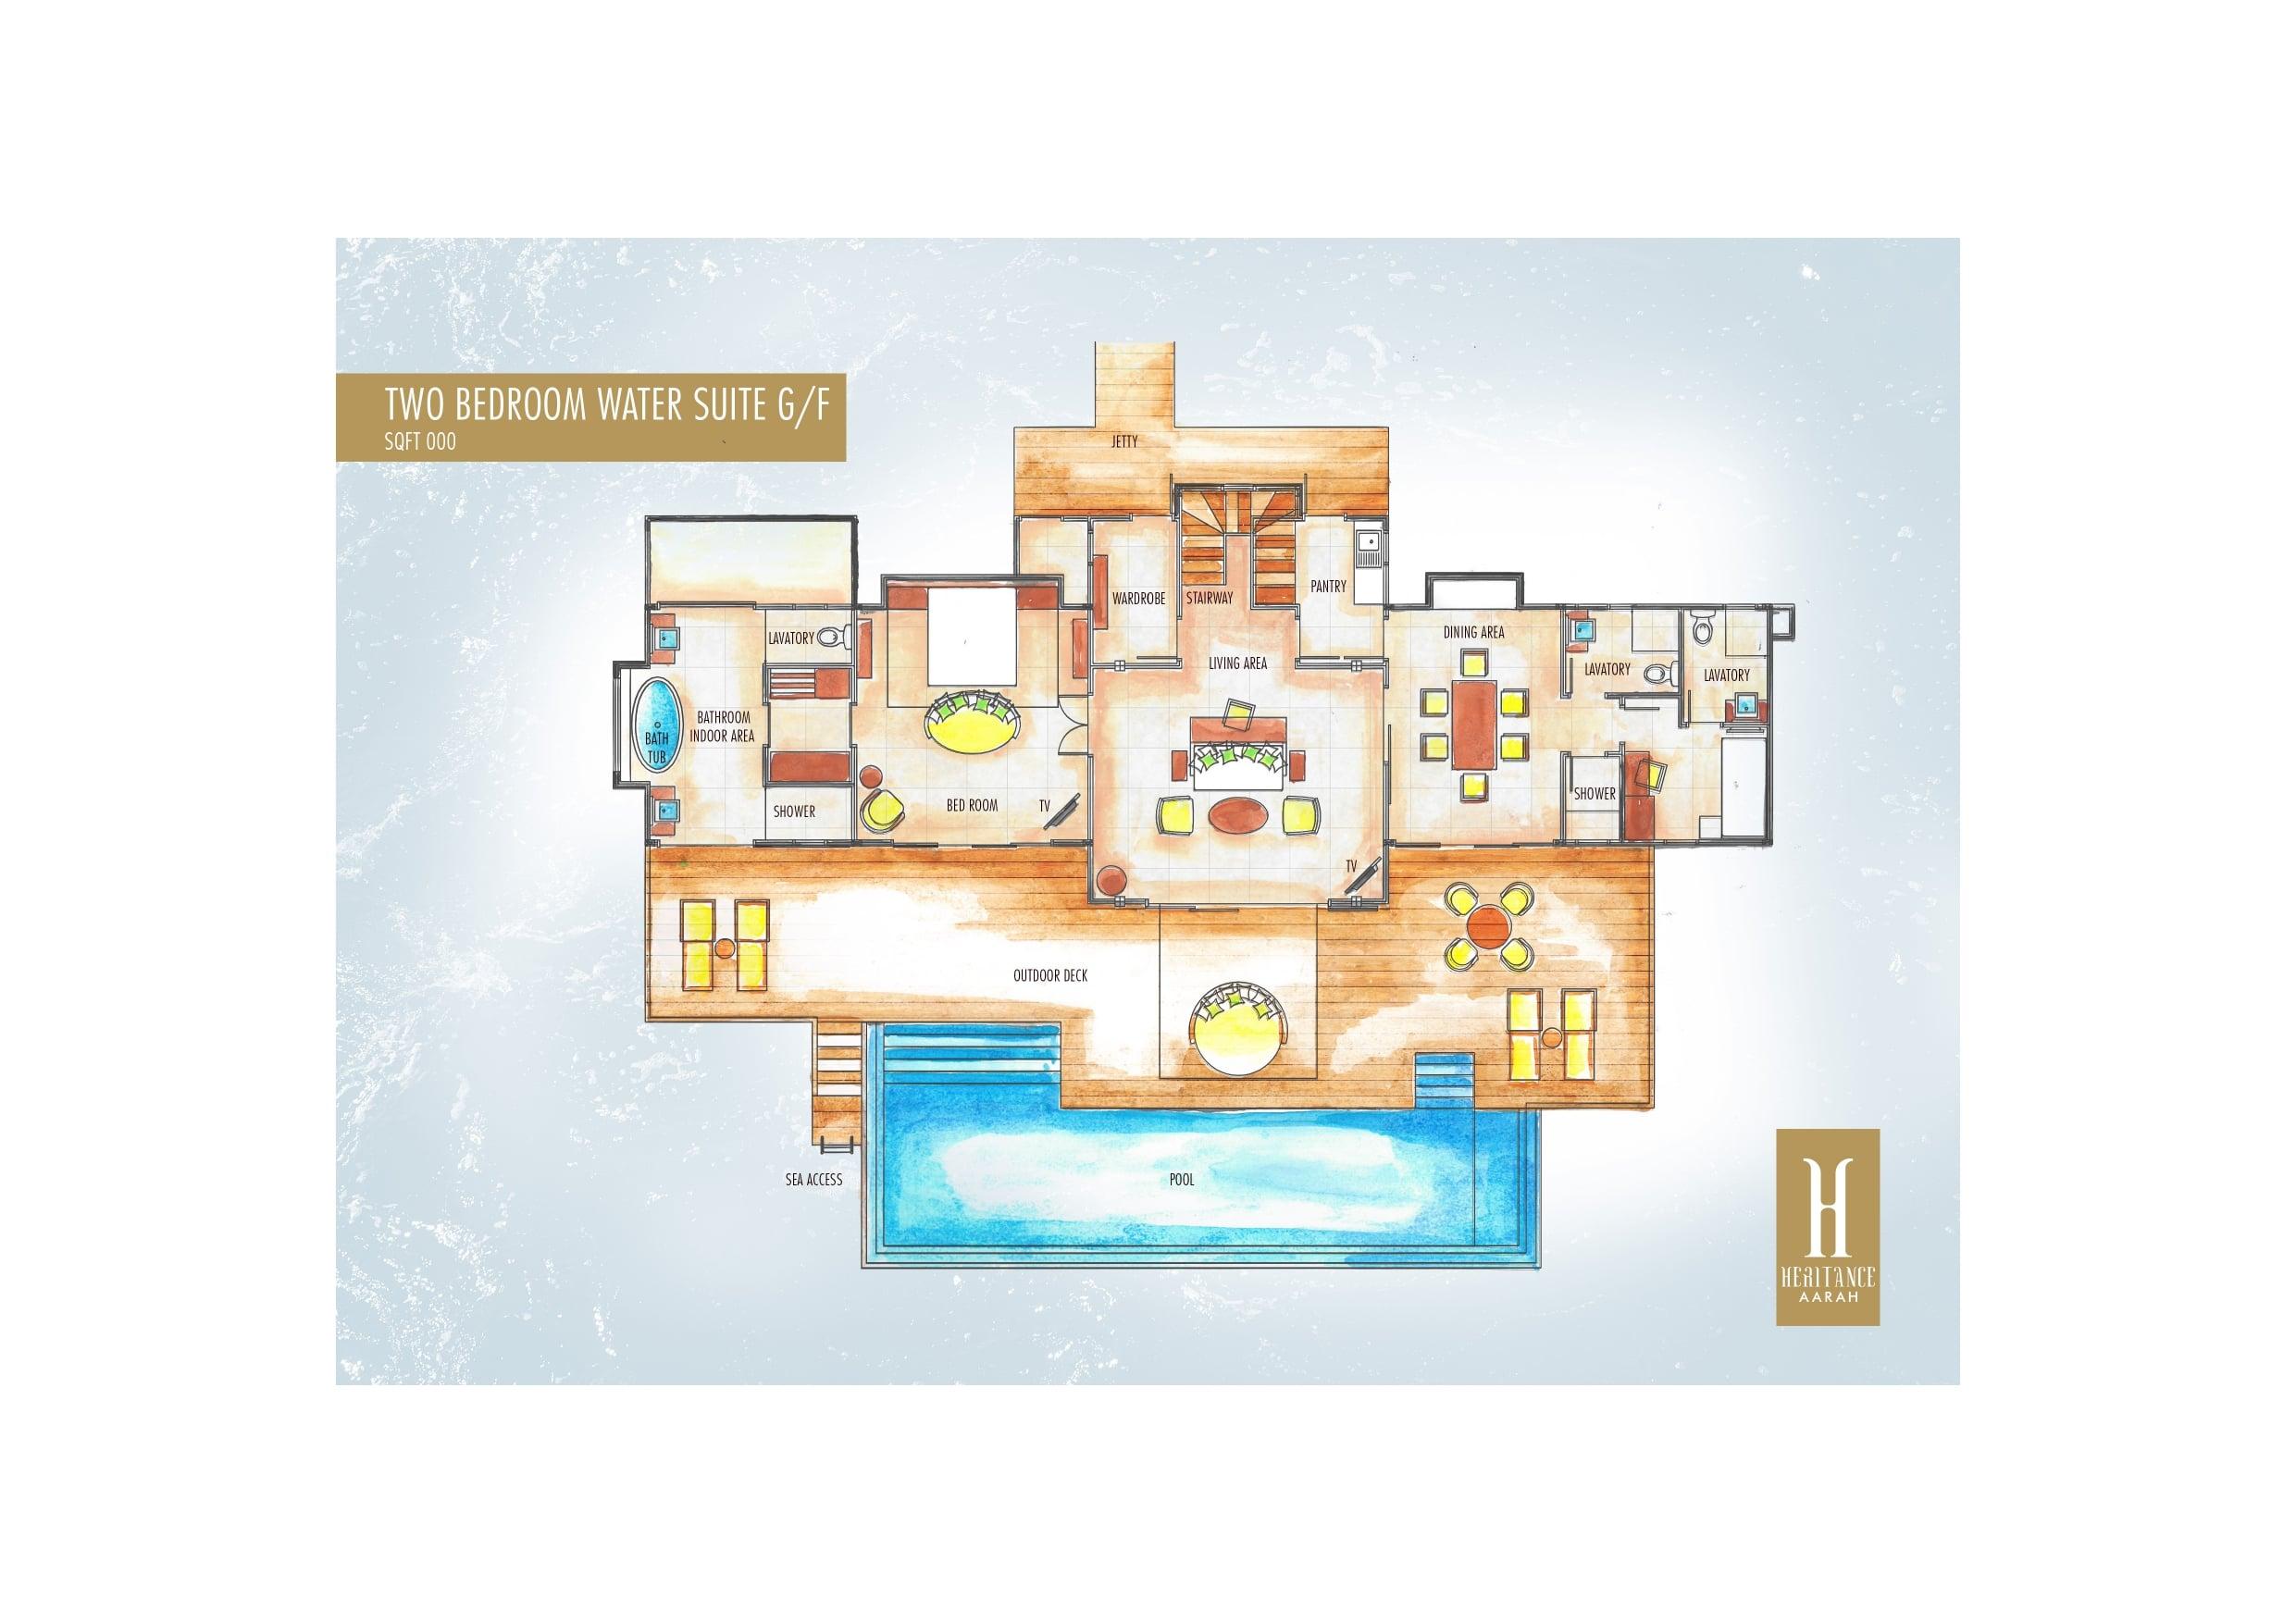 Мальдивы, отель Heritance Aarah, план-схема номера Ocean Suite with Pool